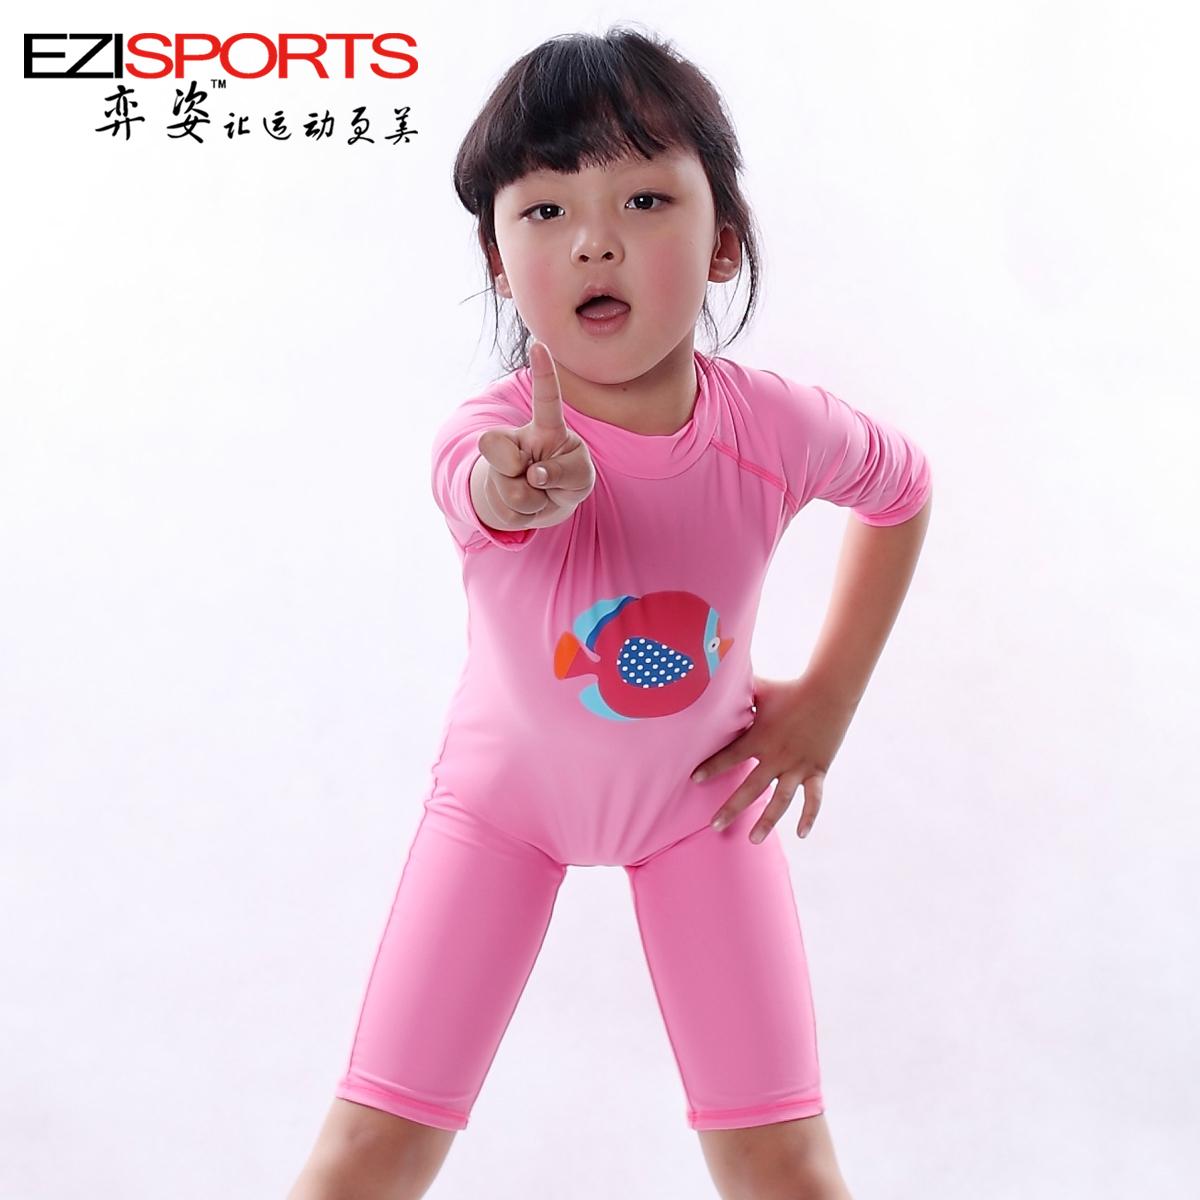 Spa swimming ezi children clothing baby girls swimwear surf clothing 2